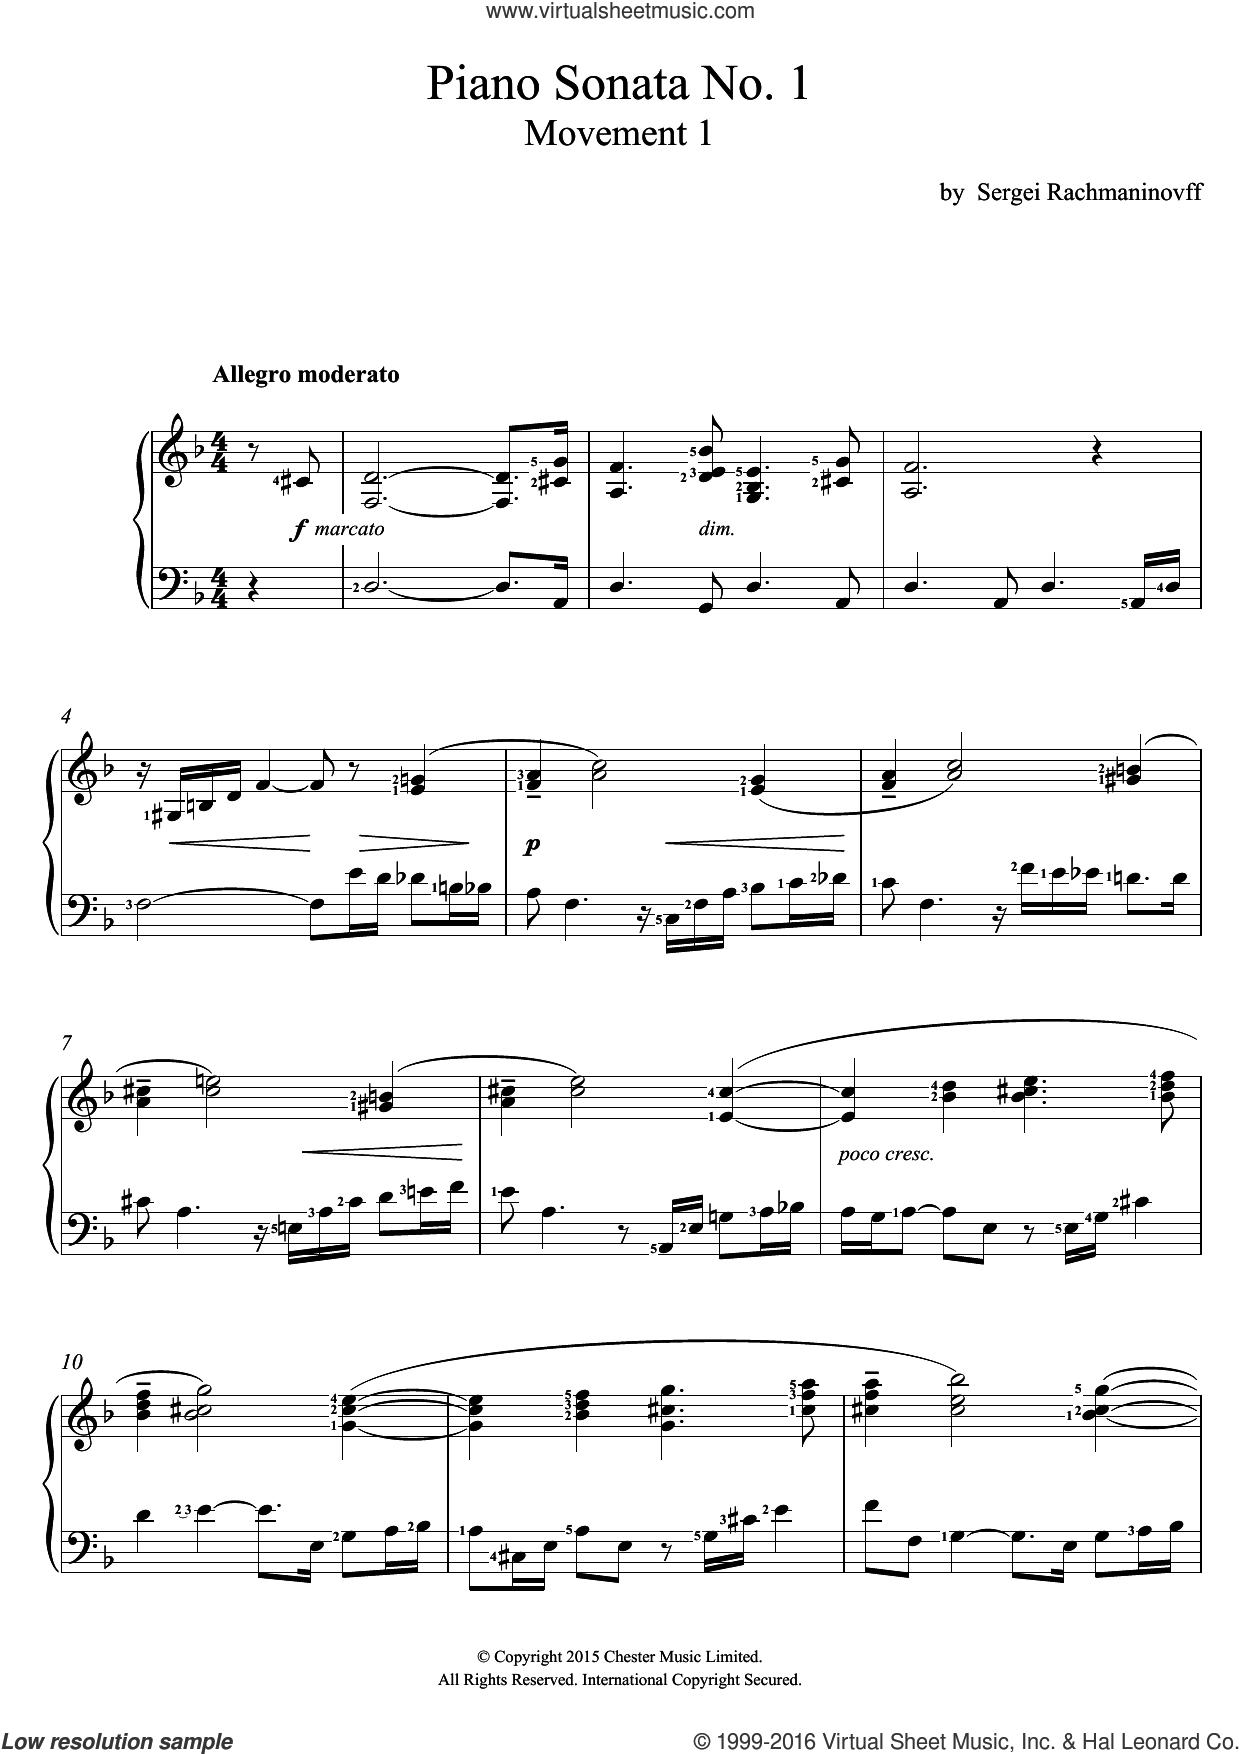 Piano Sonata No.1 (1st Movement) sheet music for voice and piano by Serjeij Rachmaninoff, classical score, intermediate skill level